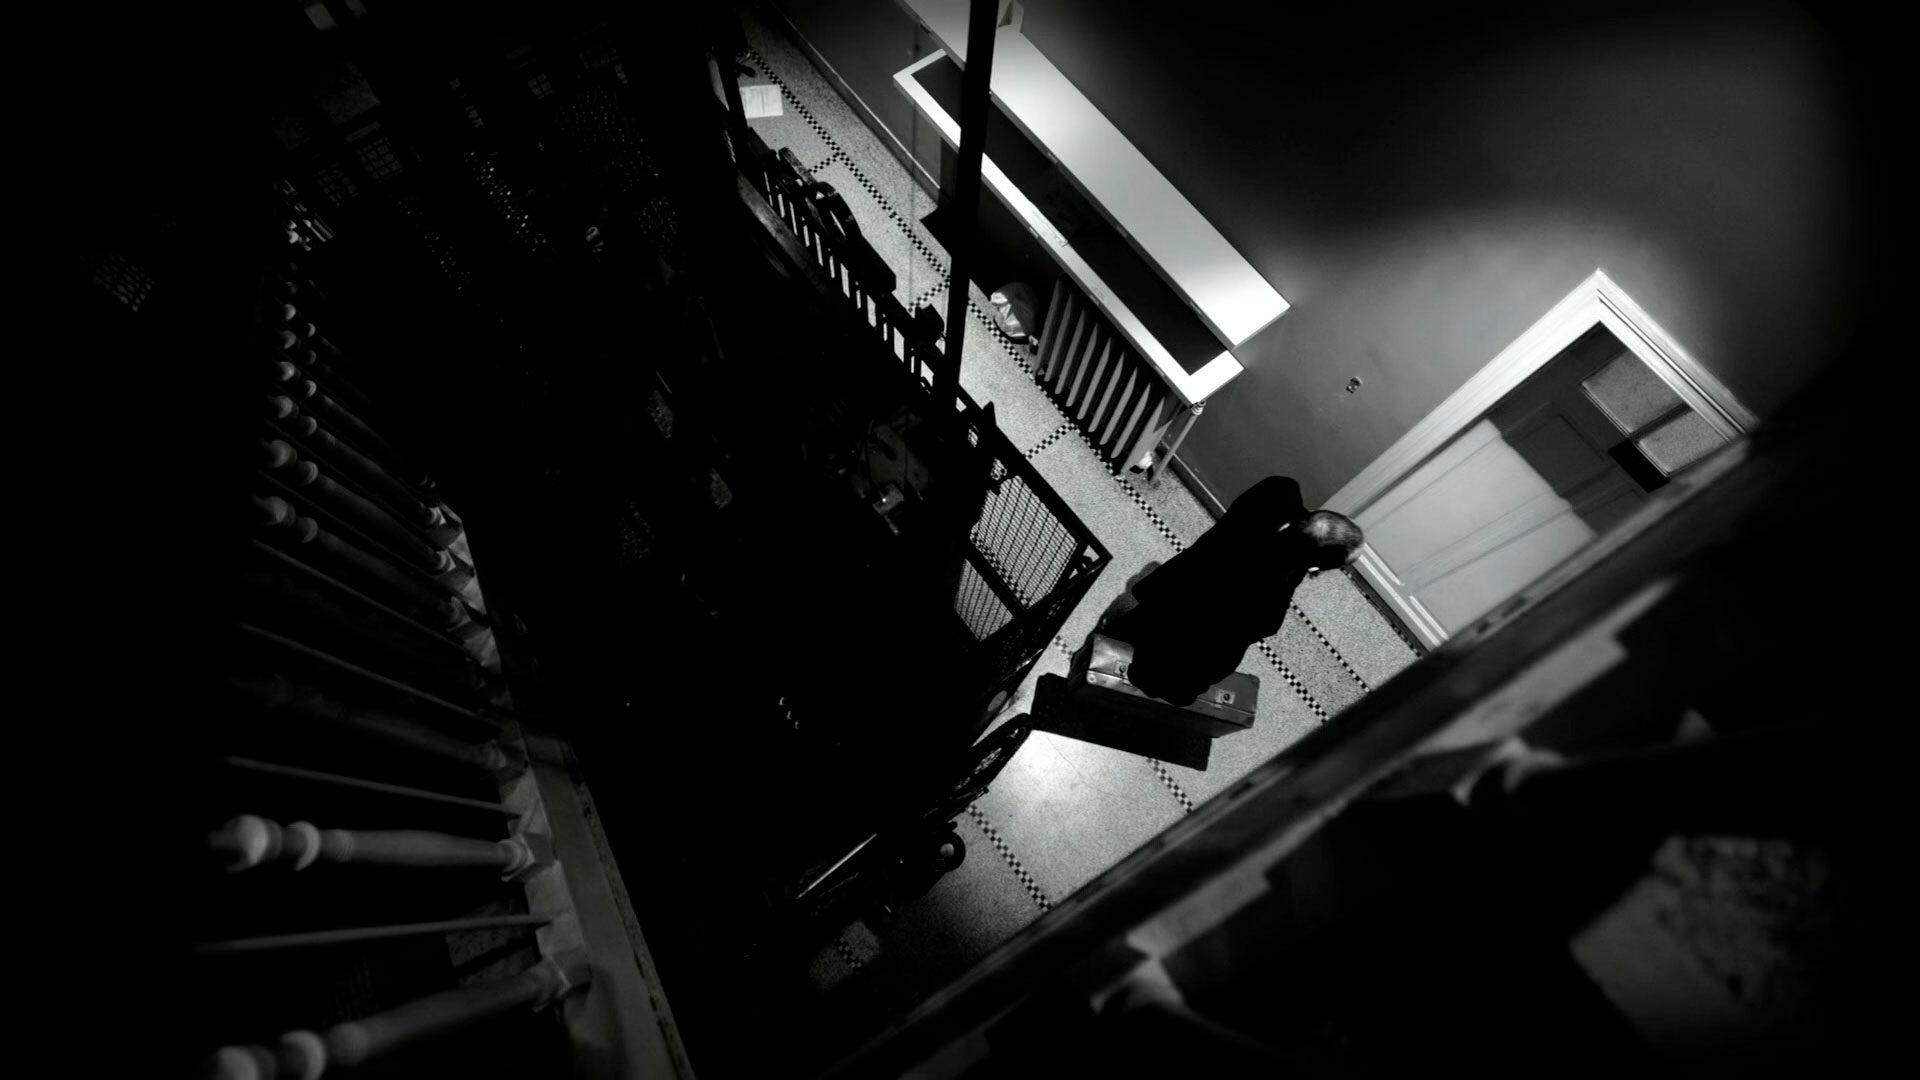 Аксолотль / Axolotl (2018 Оливье Смолдерс)